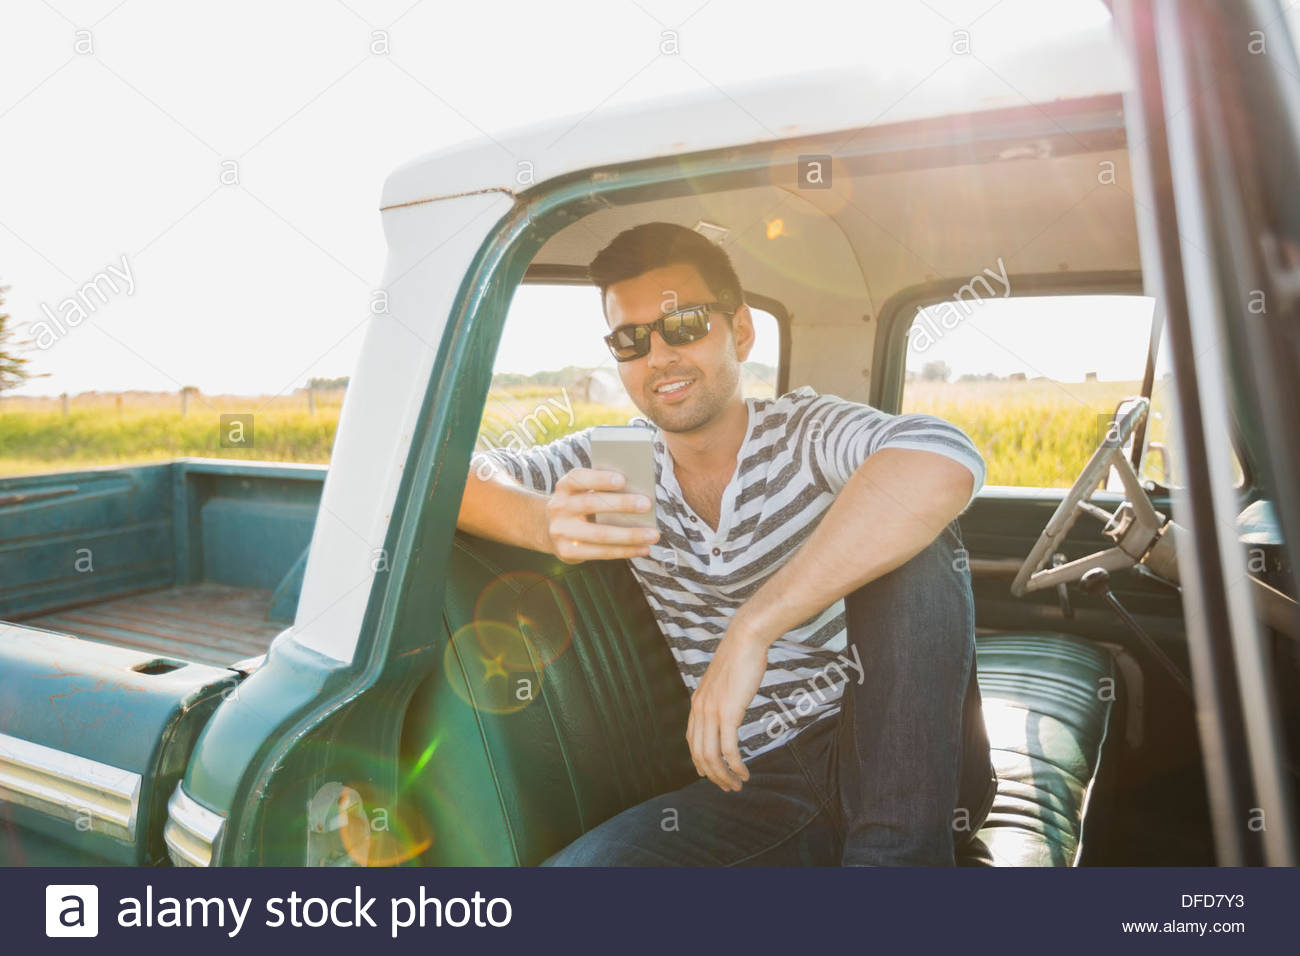 Junger Mann, Blick auf Smartphone in Pick-up-truck Stockbild